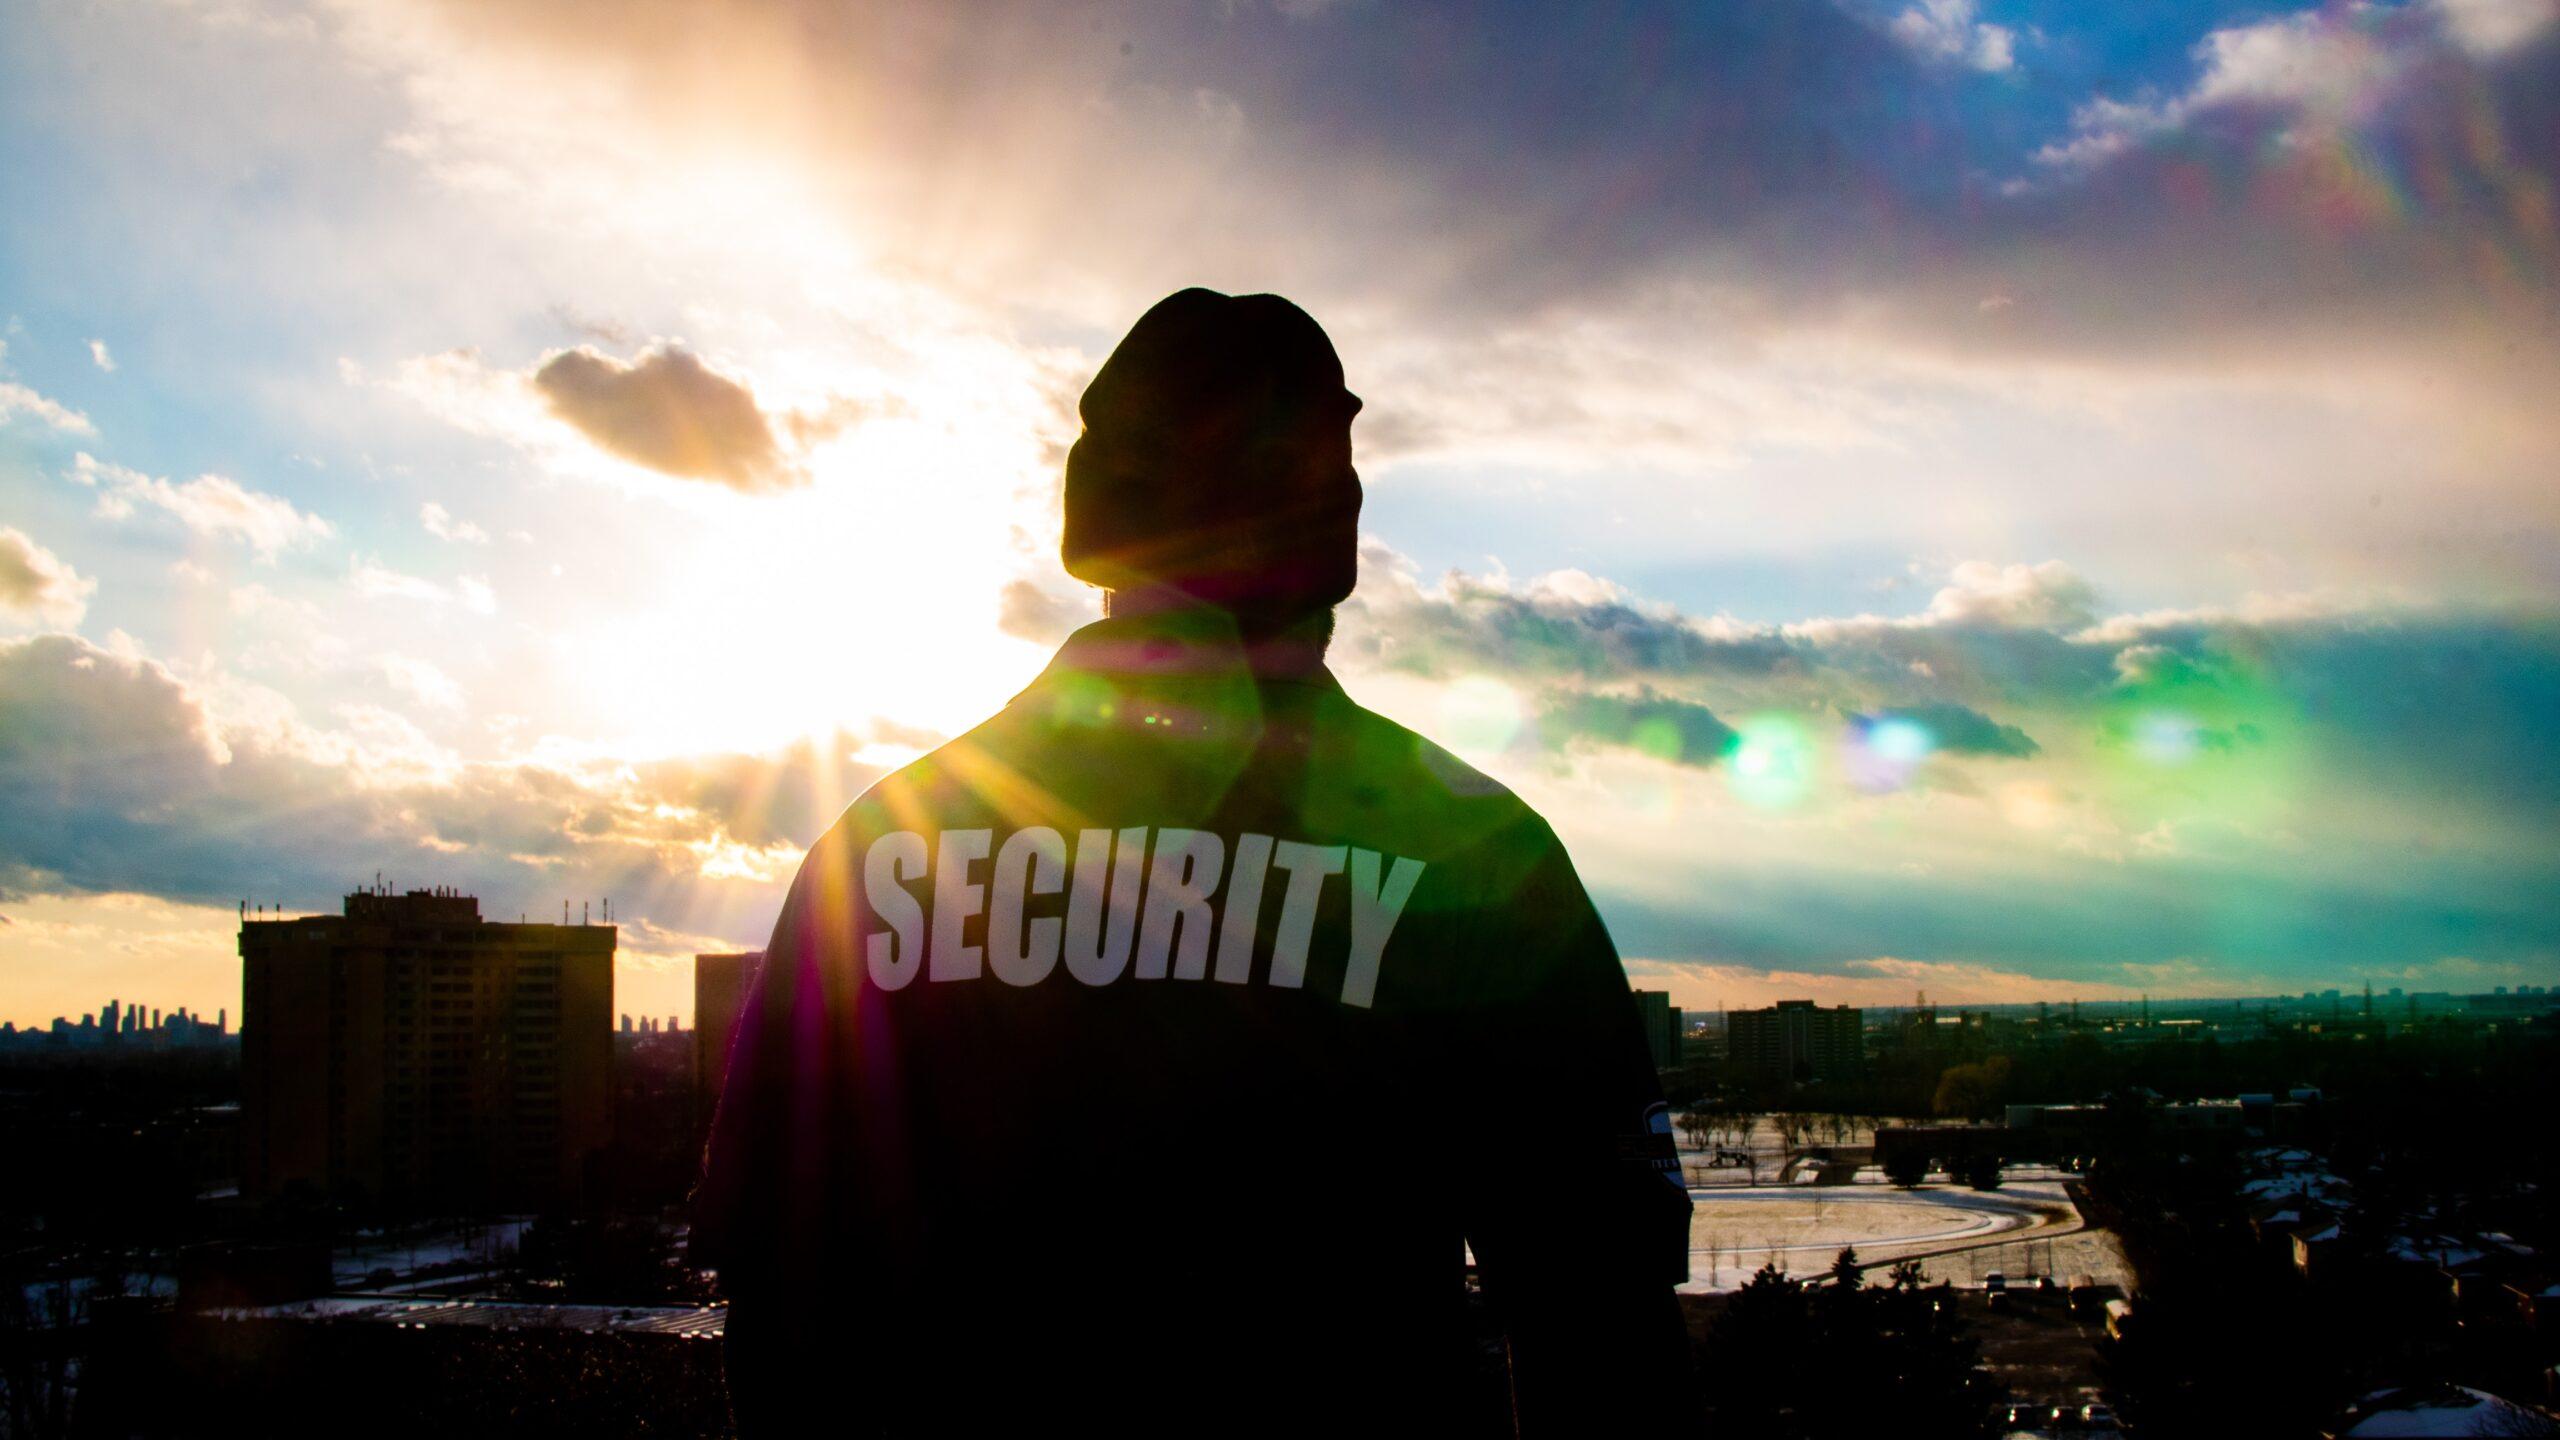 flex-point-security-ynEvF7OaGiM-unsplash